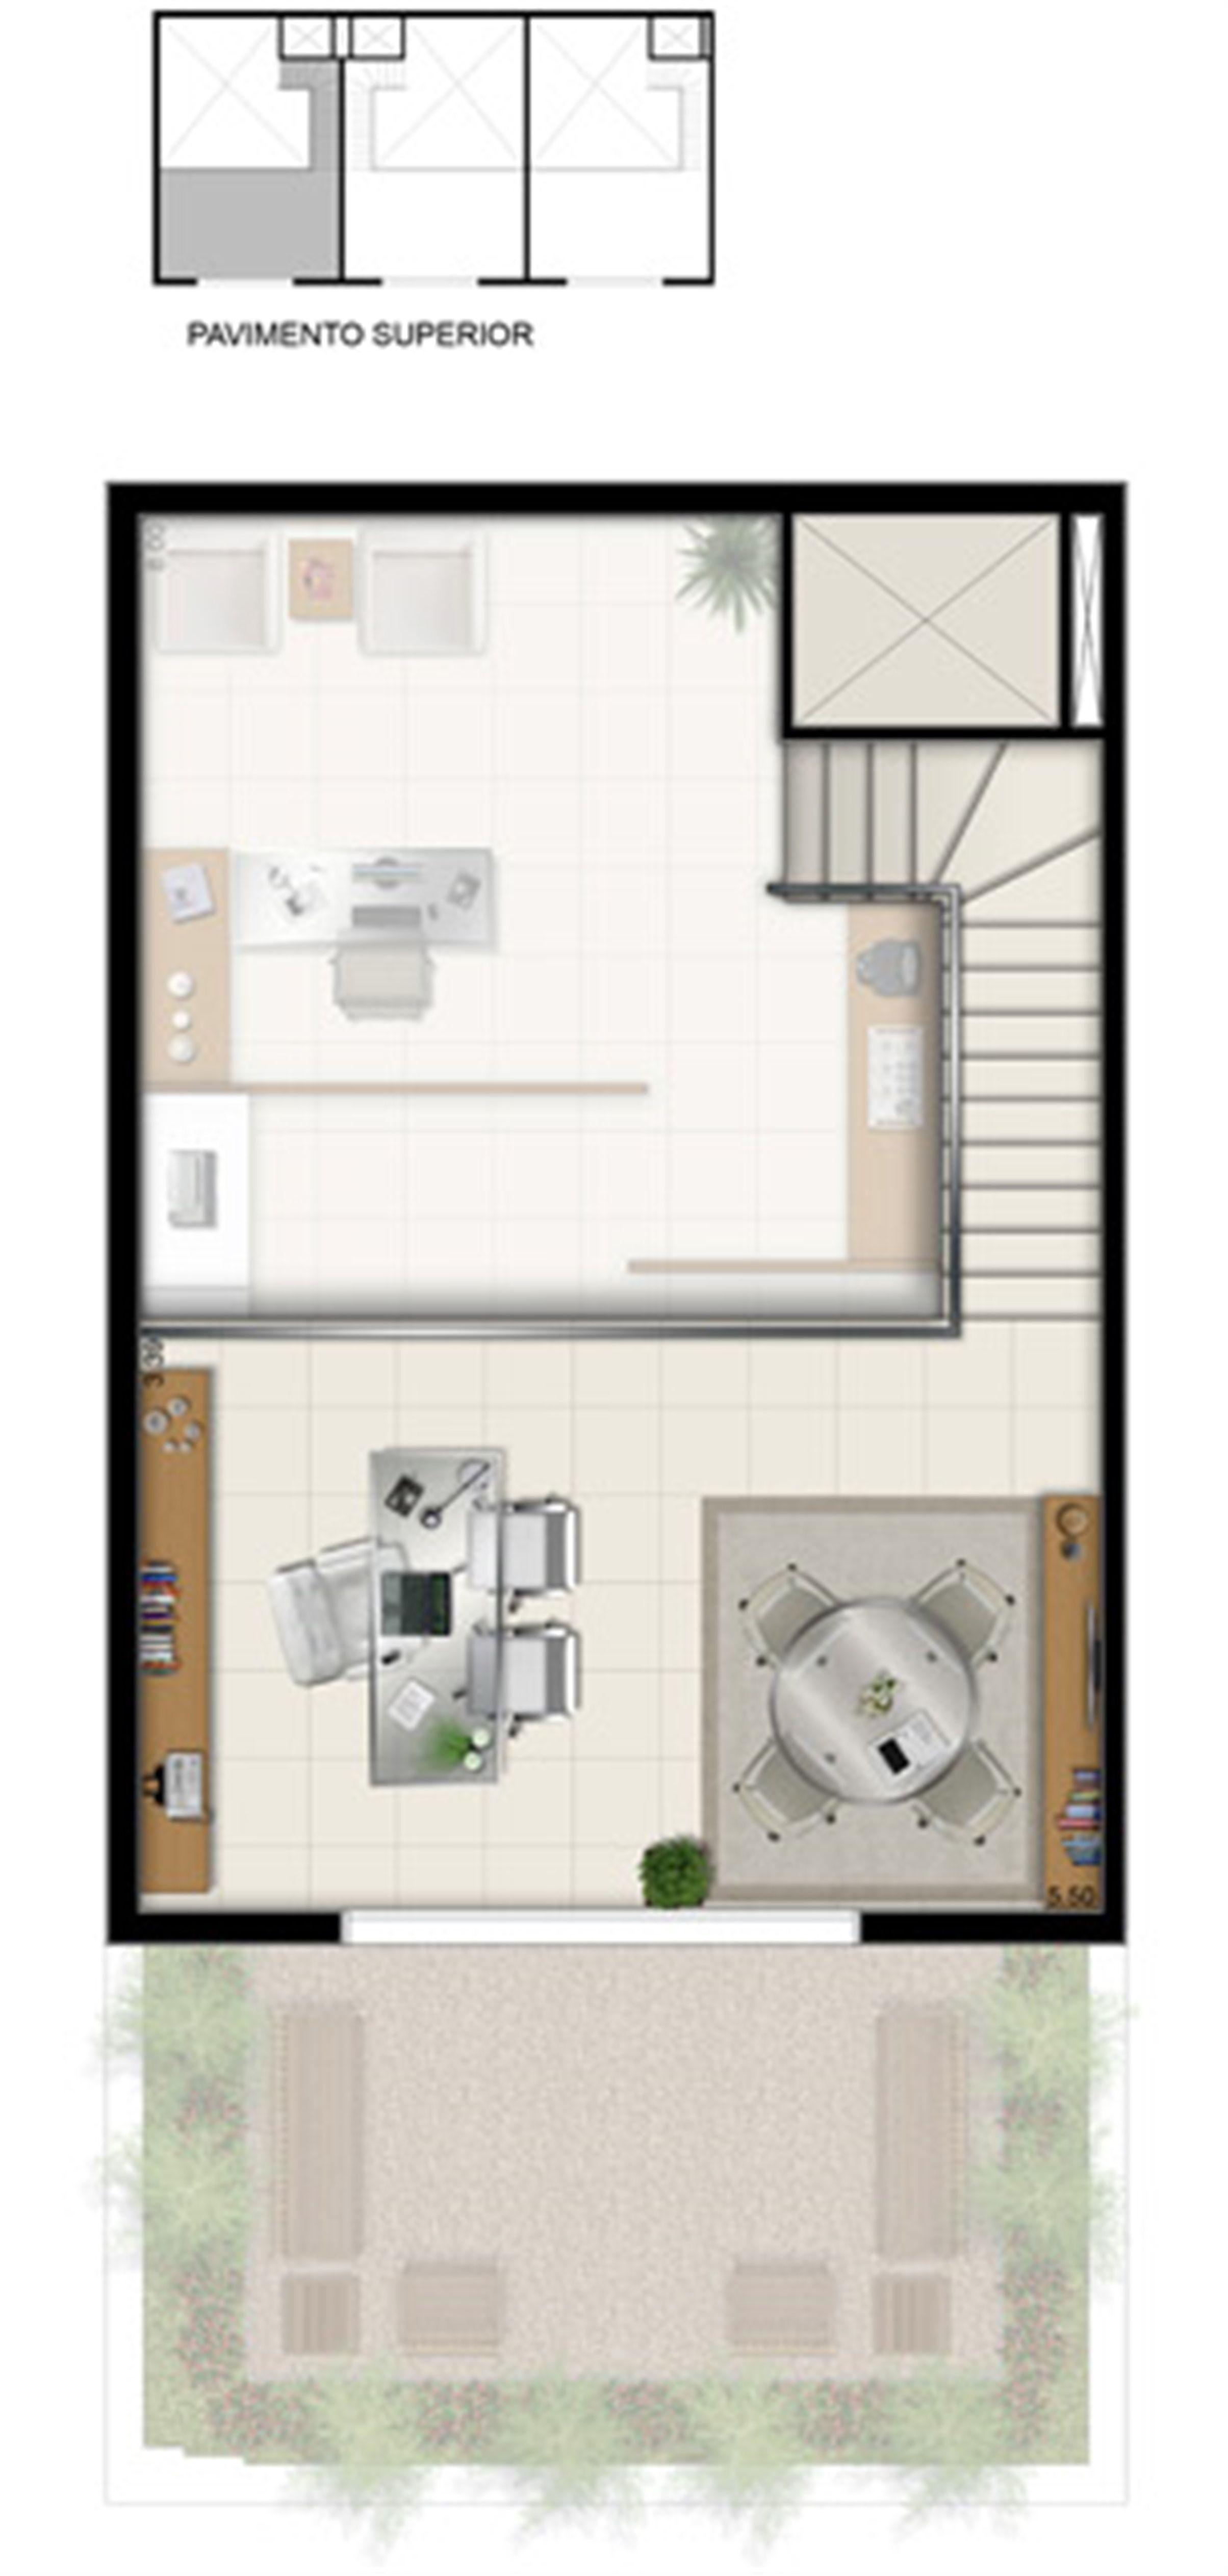 Duplex Superior - Área total 84,50 m² | Pátio Jardins – Salas Comerciais em  Altos do Calhau - São Luís - Maranhão